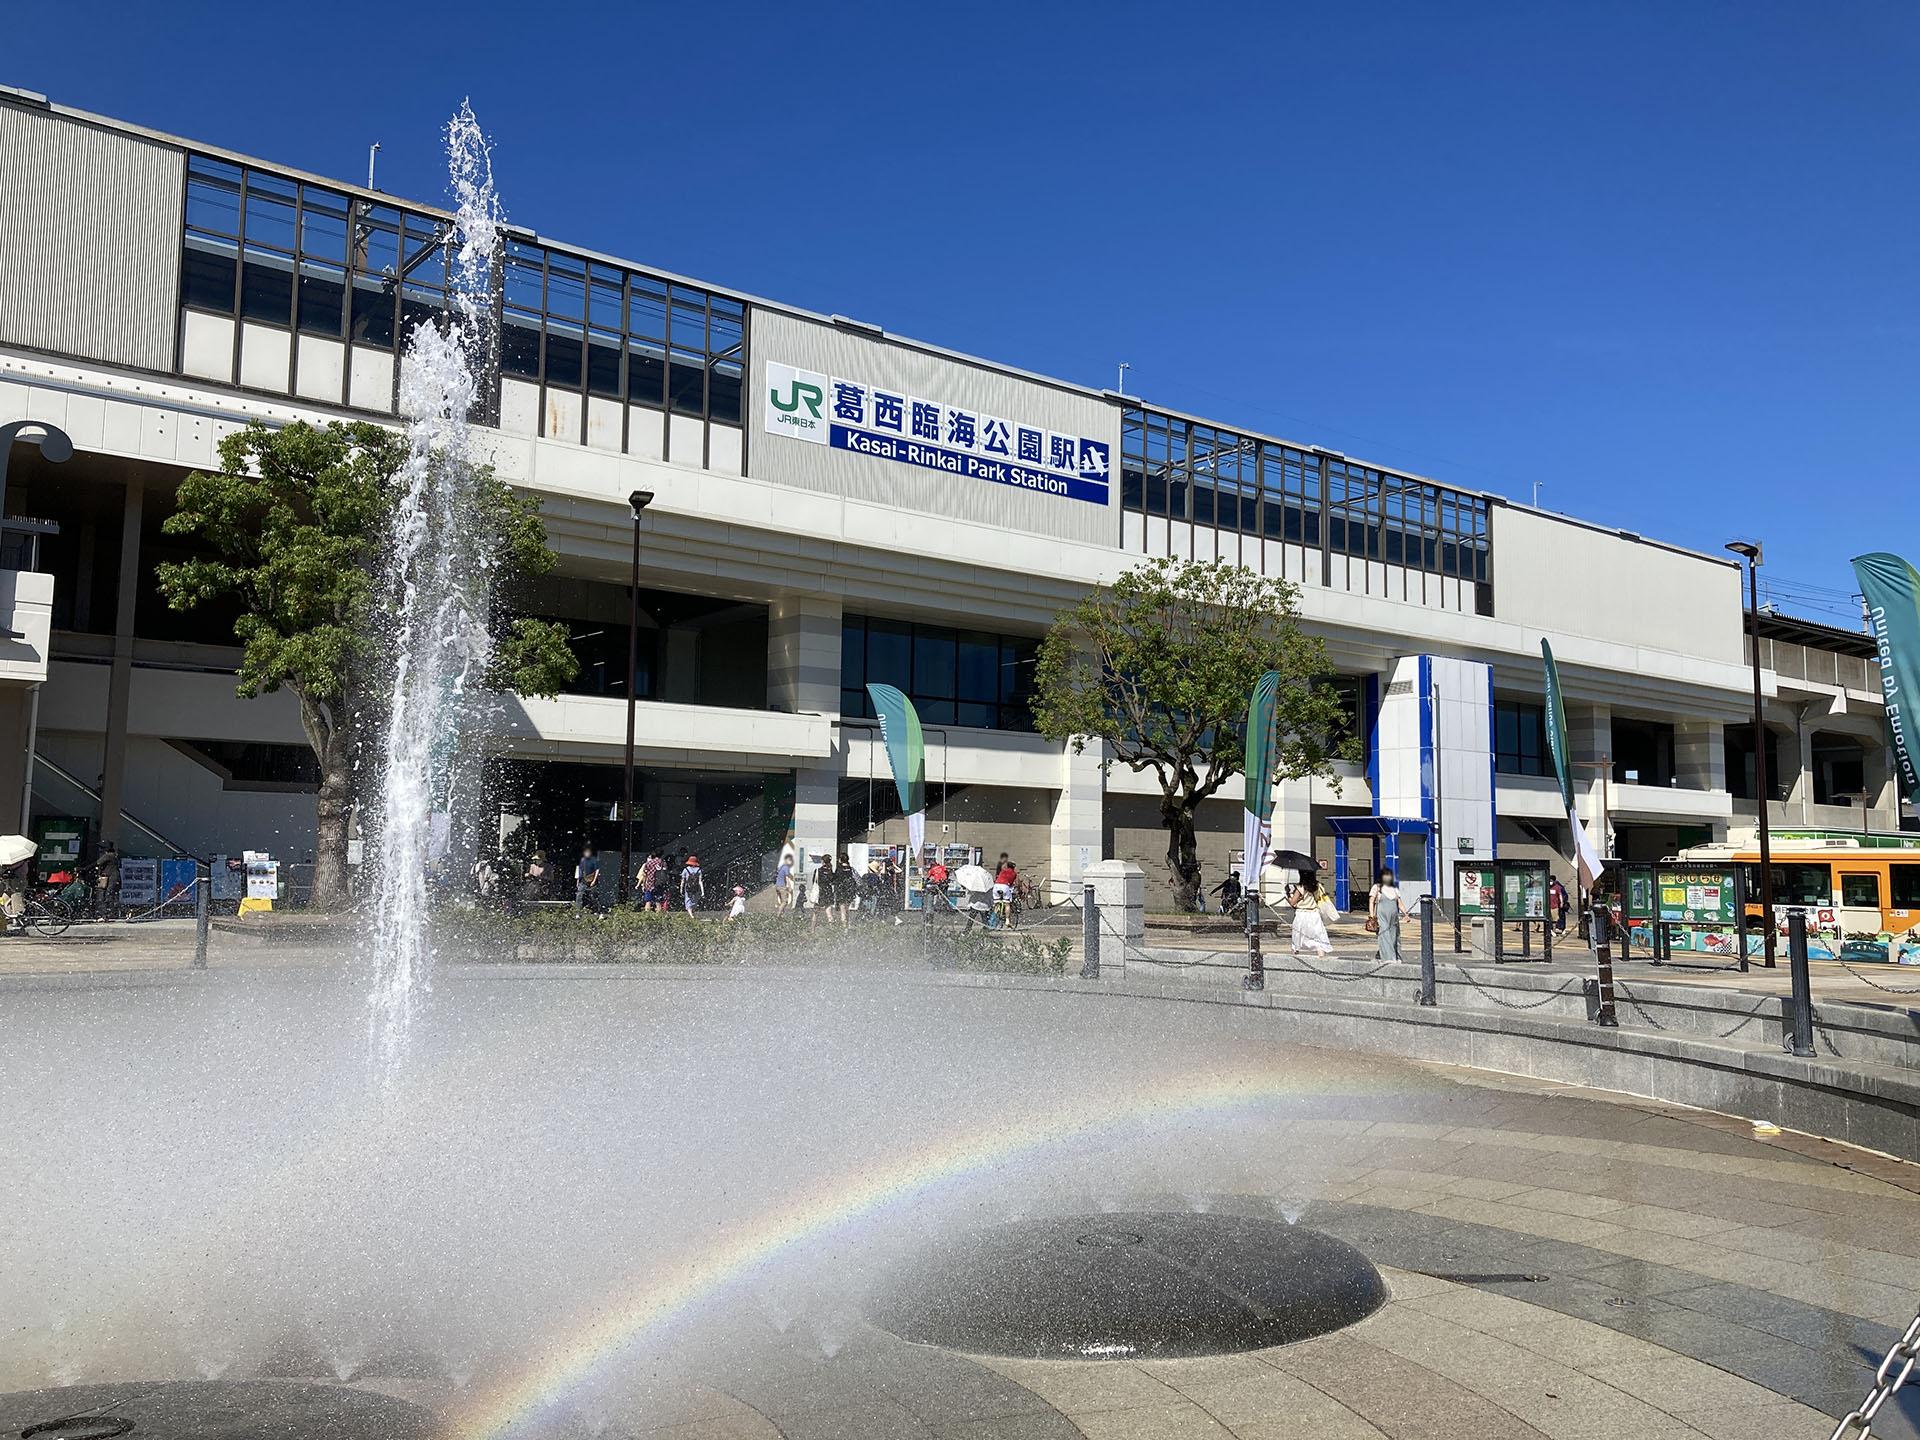 葛西臨海公園駅周辺 ―おすすめのみどころと駅の裏側、注目最新スポットも!―